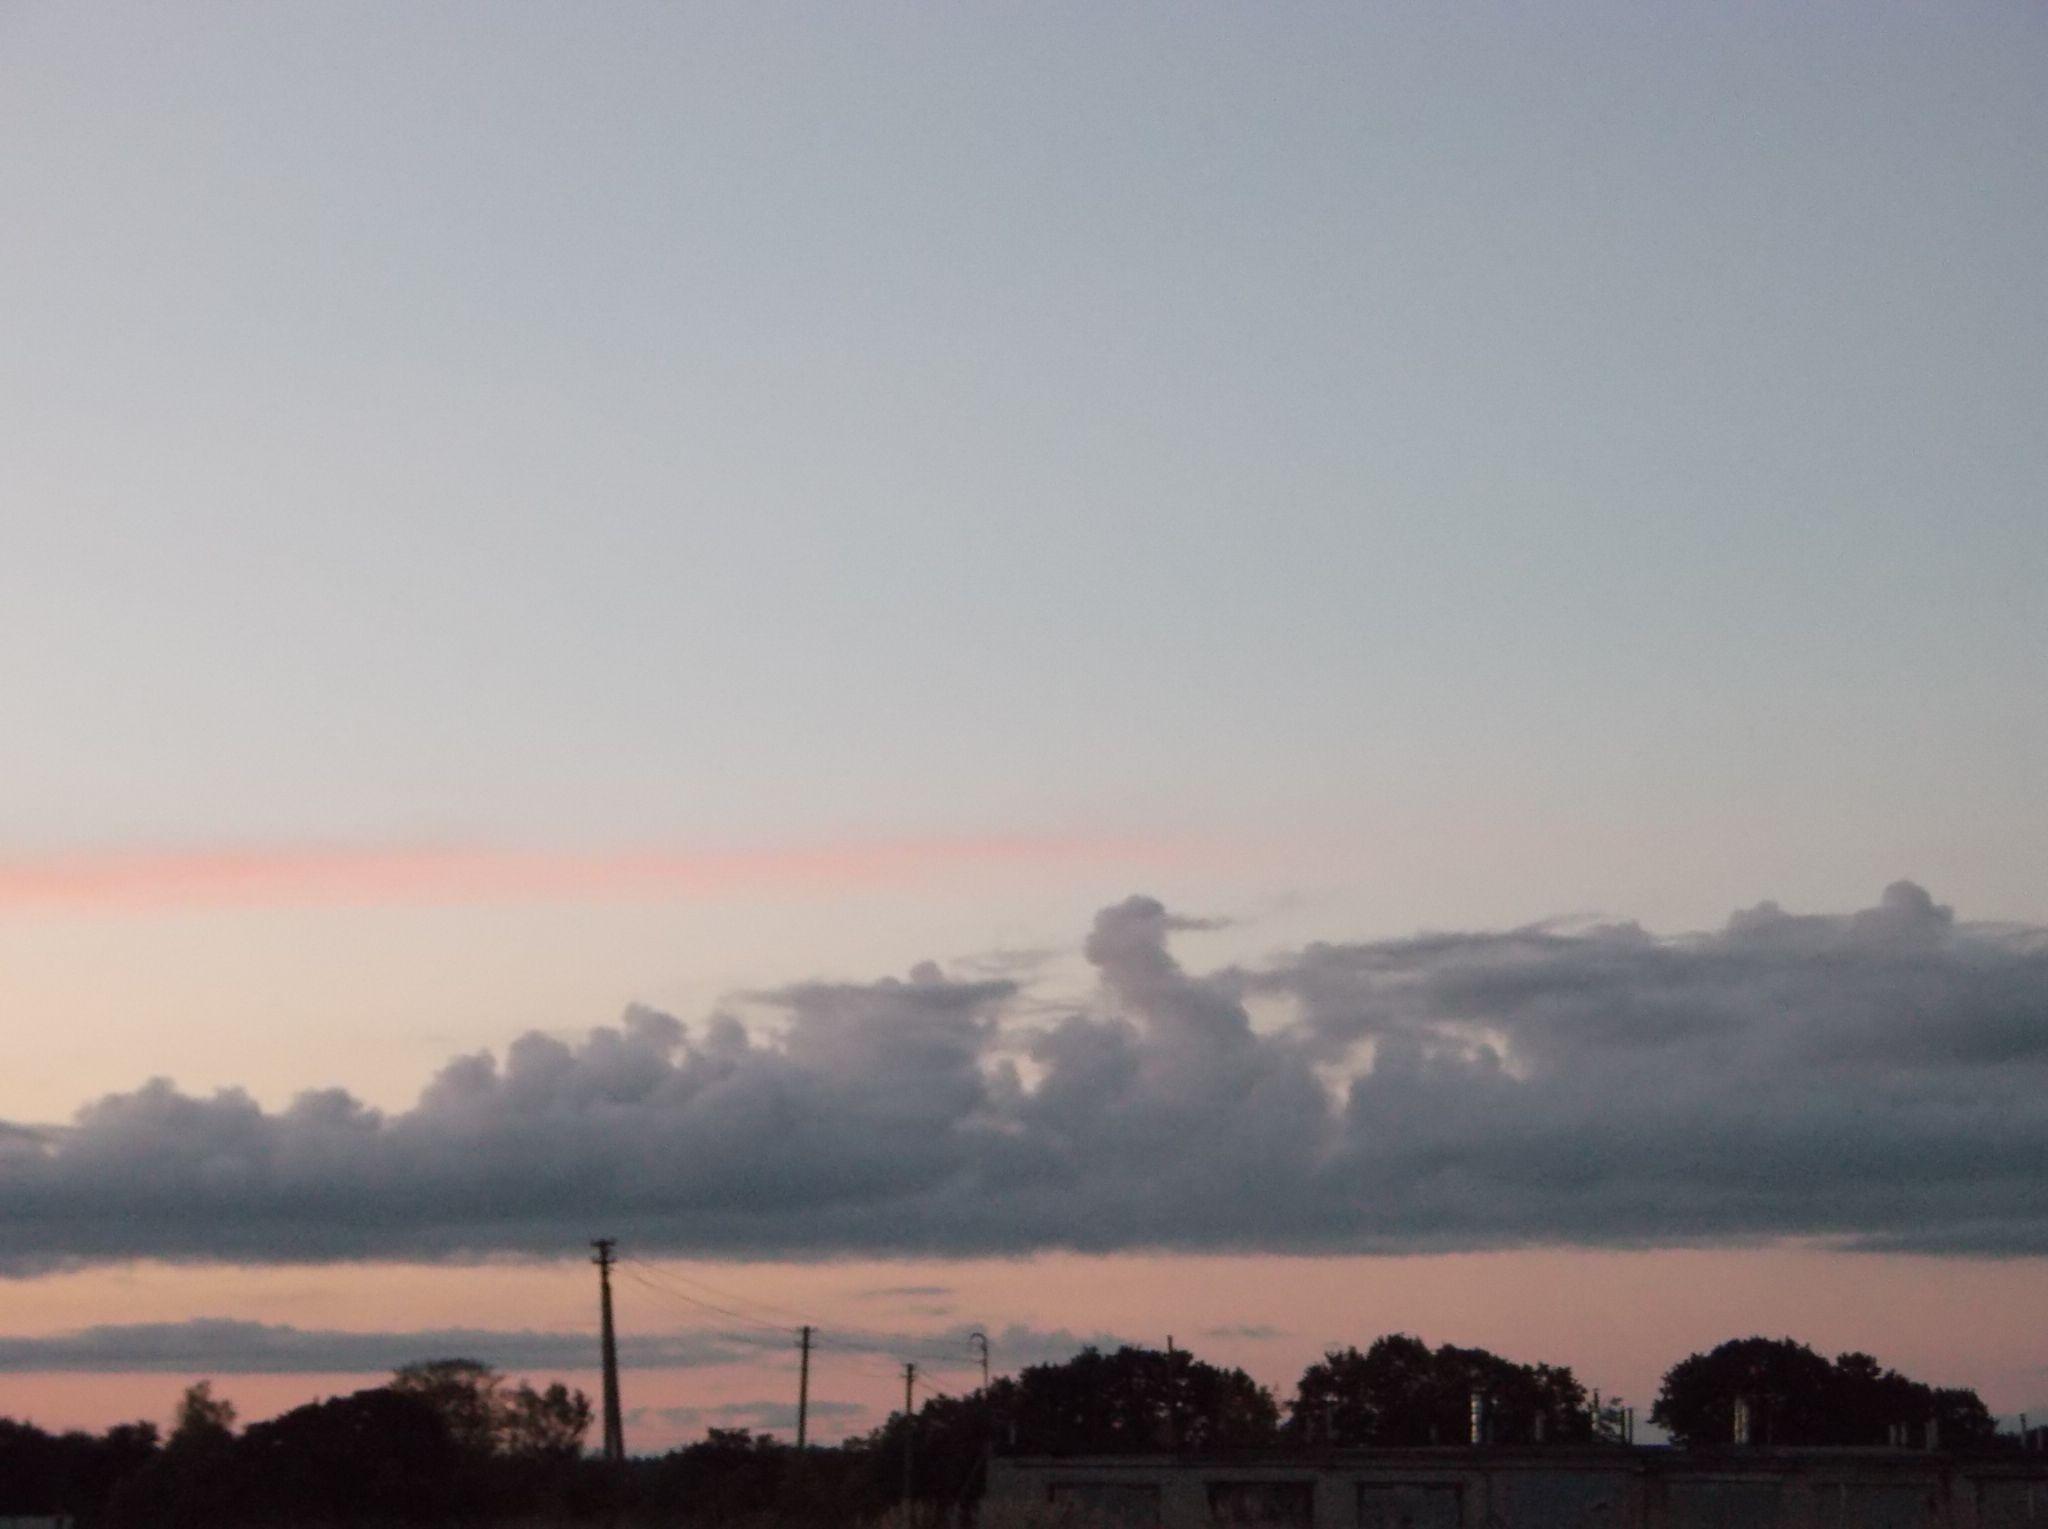 Sky after sunset. by Zita Užkuraitienė